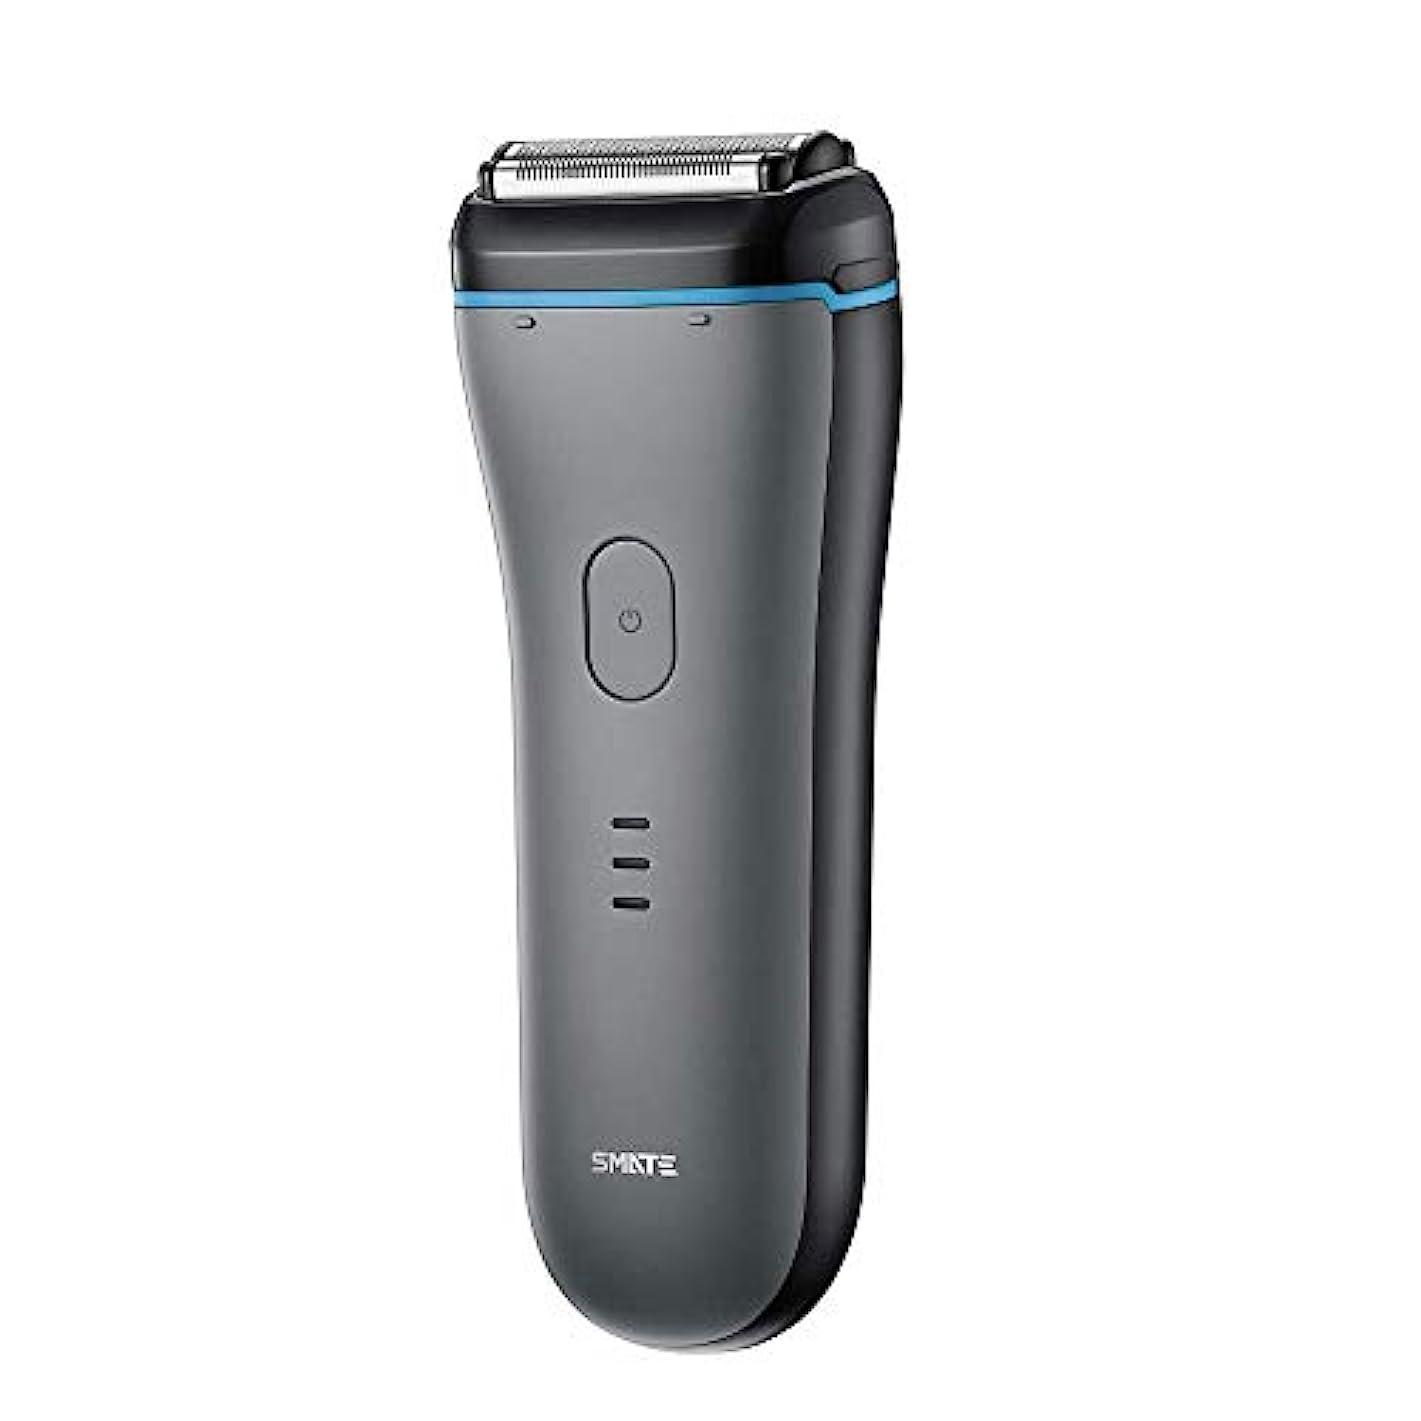 スピーカー音節不道徳SMATE ひげそり メンズ電気シェーパー 三枚刃往復式 USB充電式 電動髭剃り IPX7防水仕様 水洗い可 お風呂剃り可 乾湿両用-ブラック